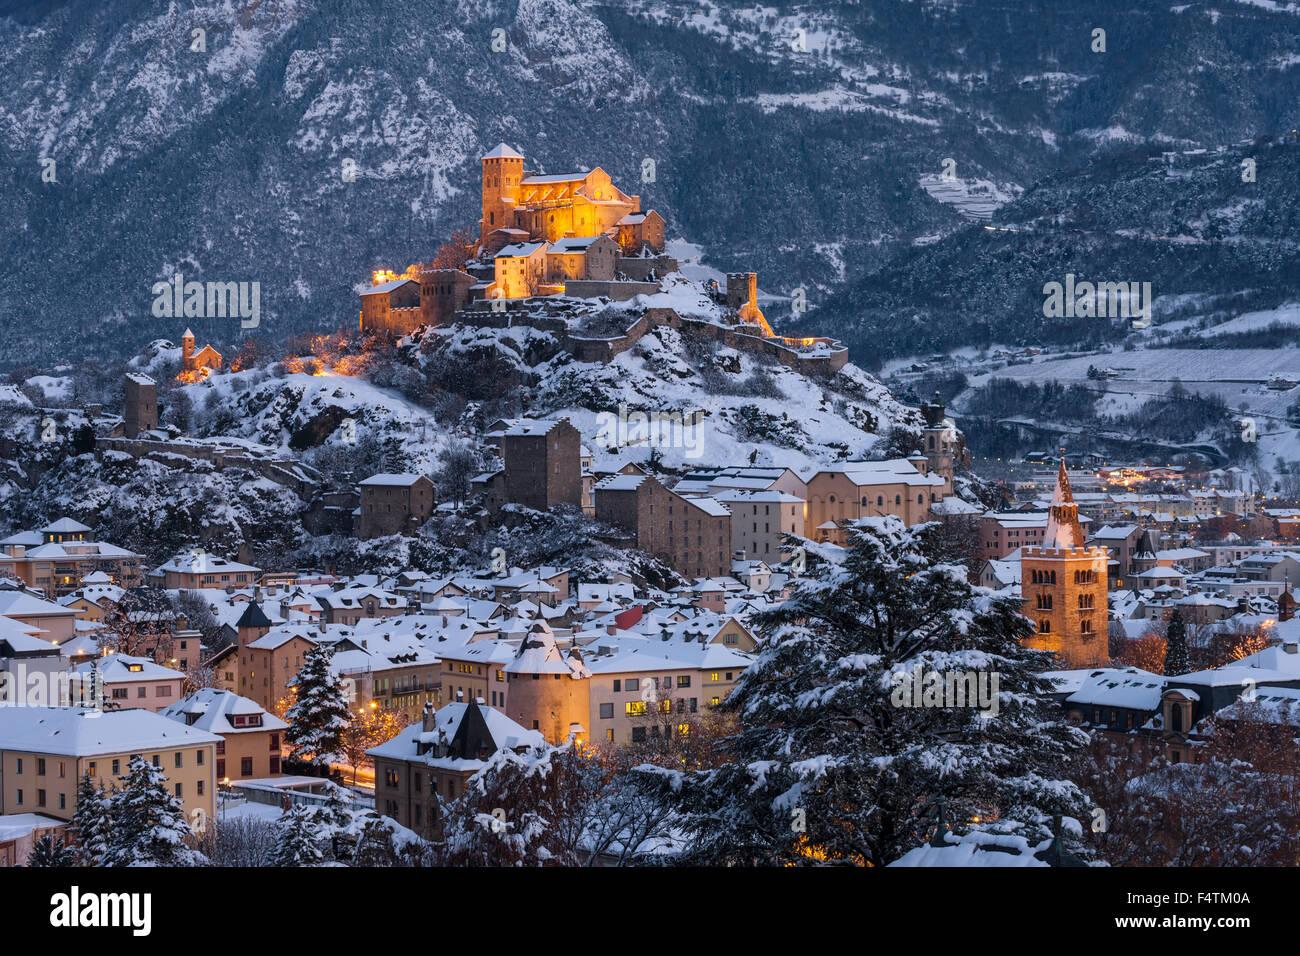 Sion, customs, Switzerland, canton, Valais, town, city, canton capital, Valeria, dusk, lights, illumination, winter - Stock Image